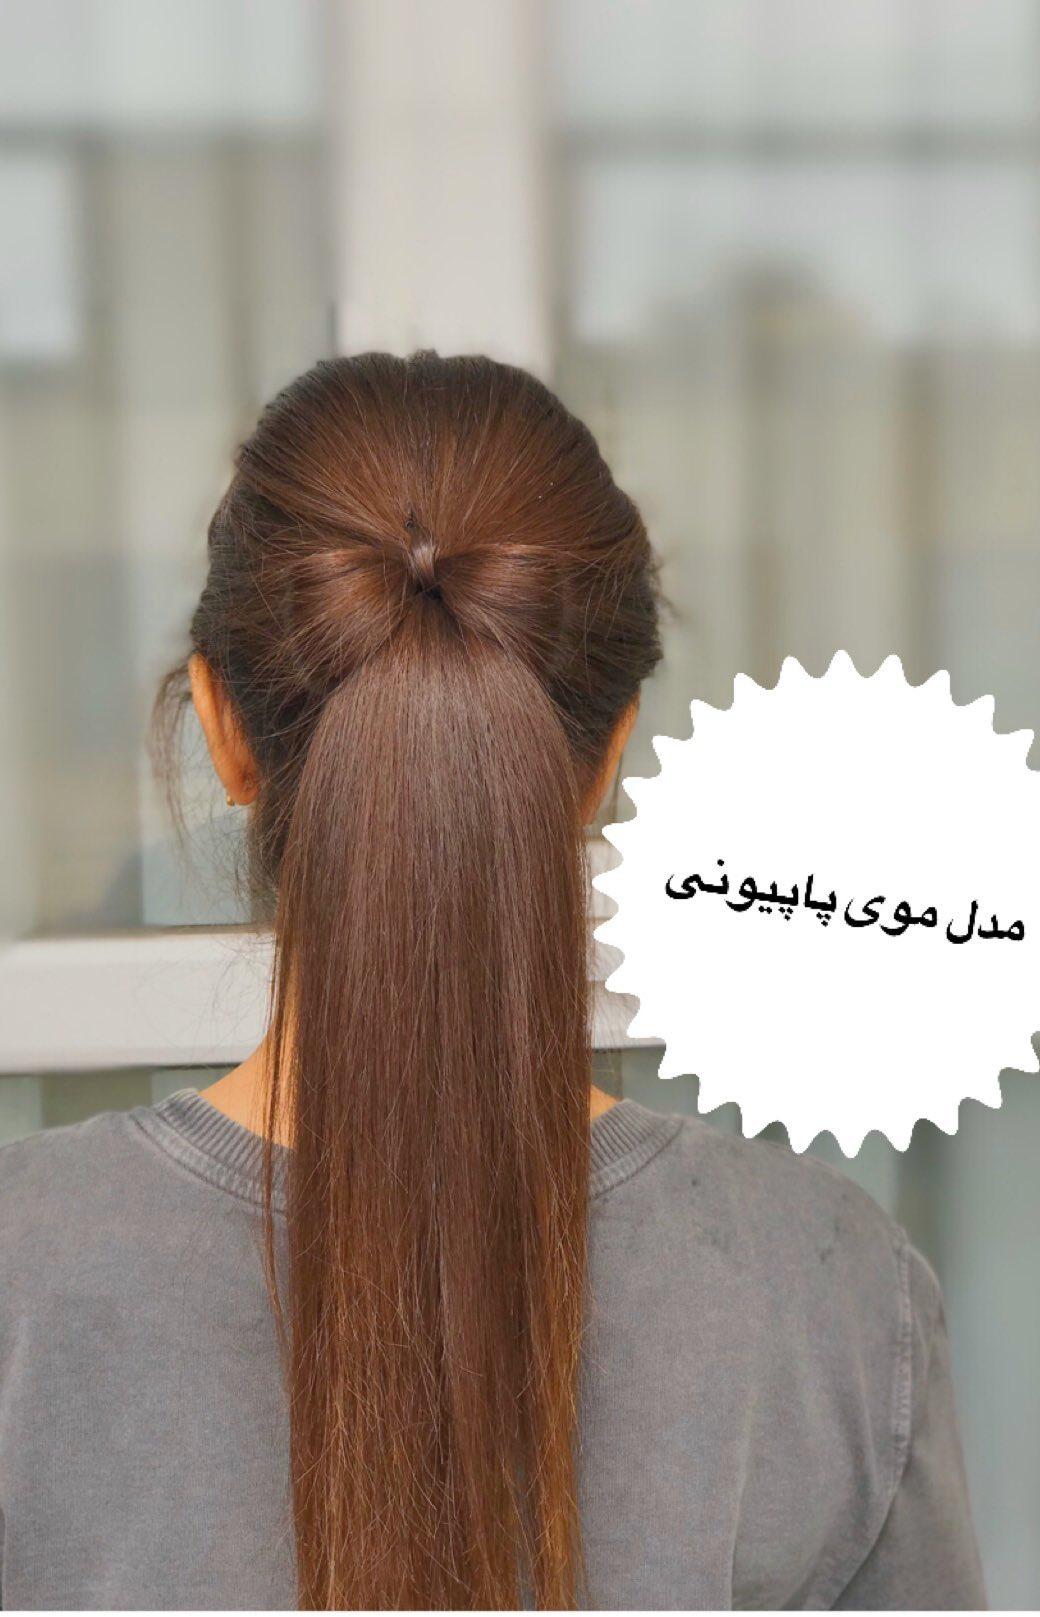 . سلام چطورين؟ اينم از مدل موى پاپيونى، Hairstylist - Hairstyles For Girls